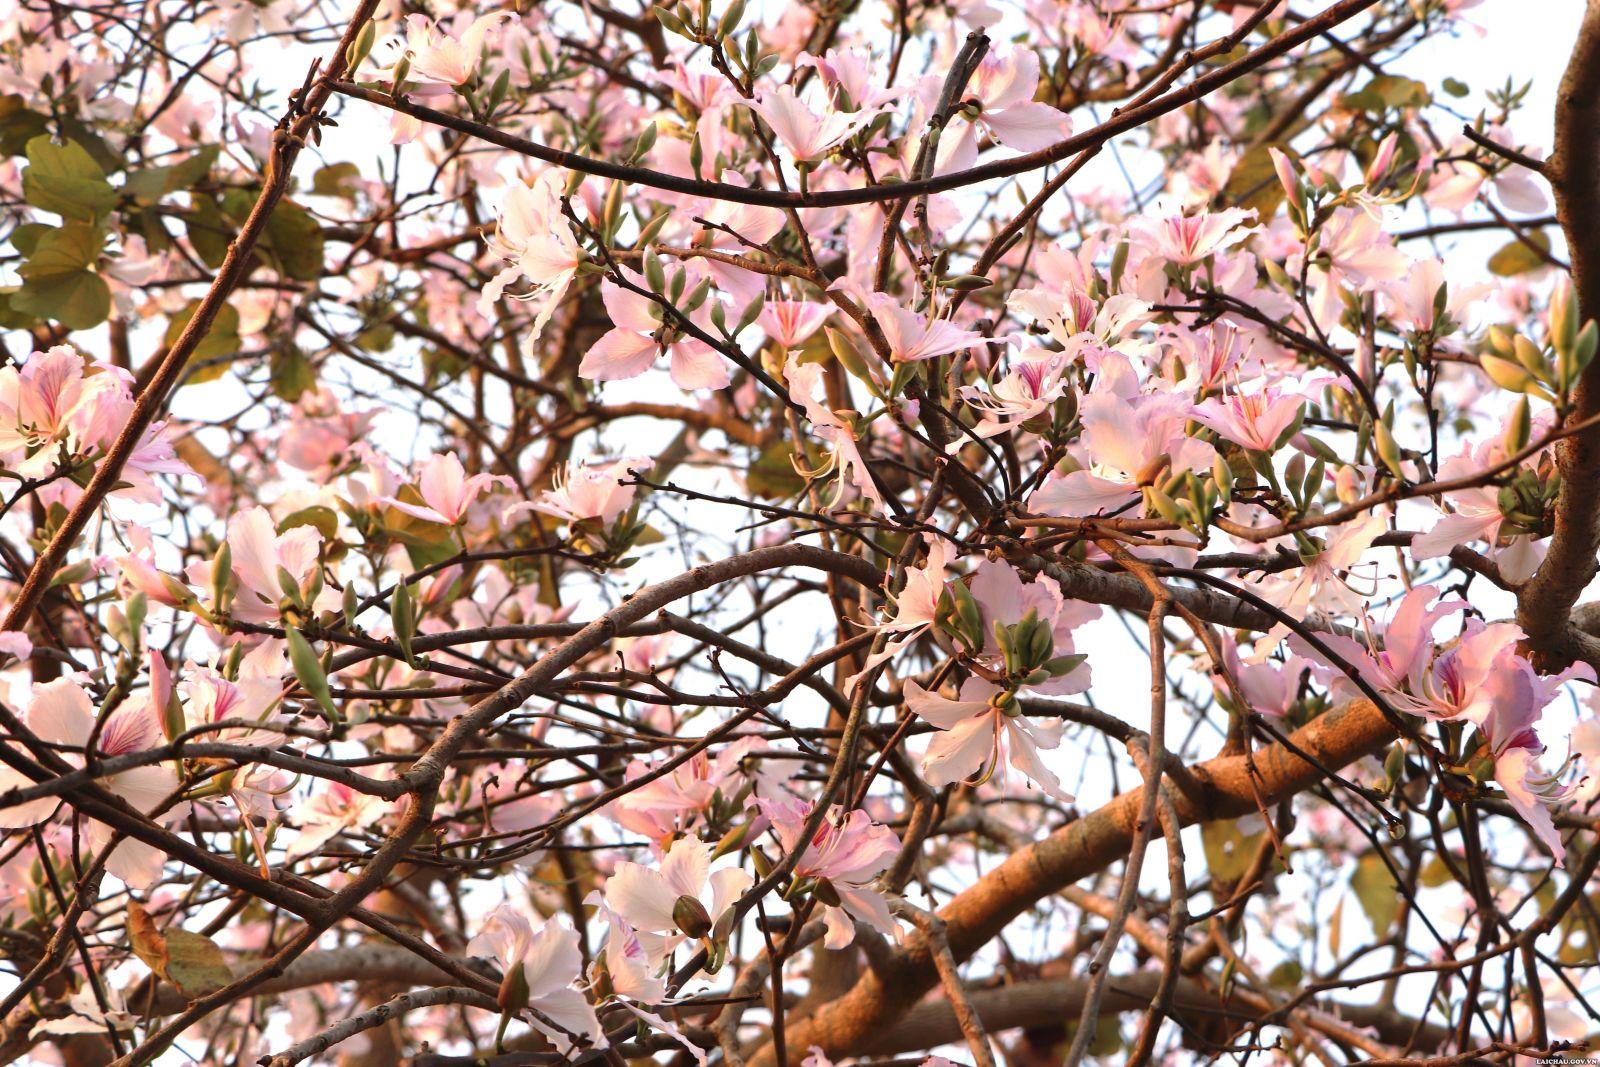 Vào mùa đông cây trút lá, đợi xuân sang ấm áp đâm chồi nảy lộc